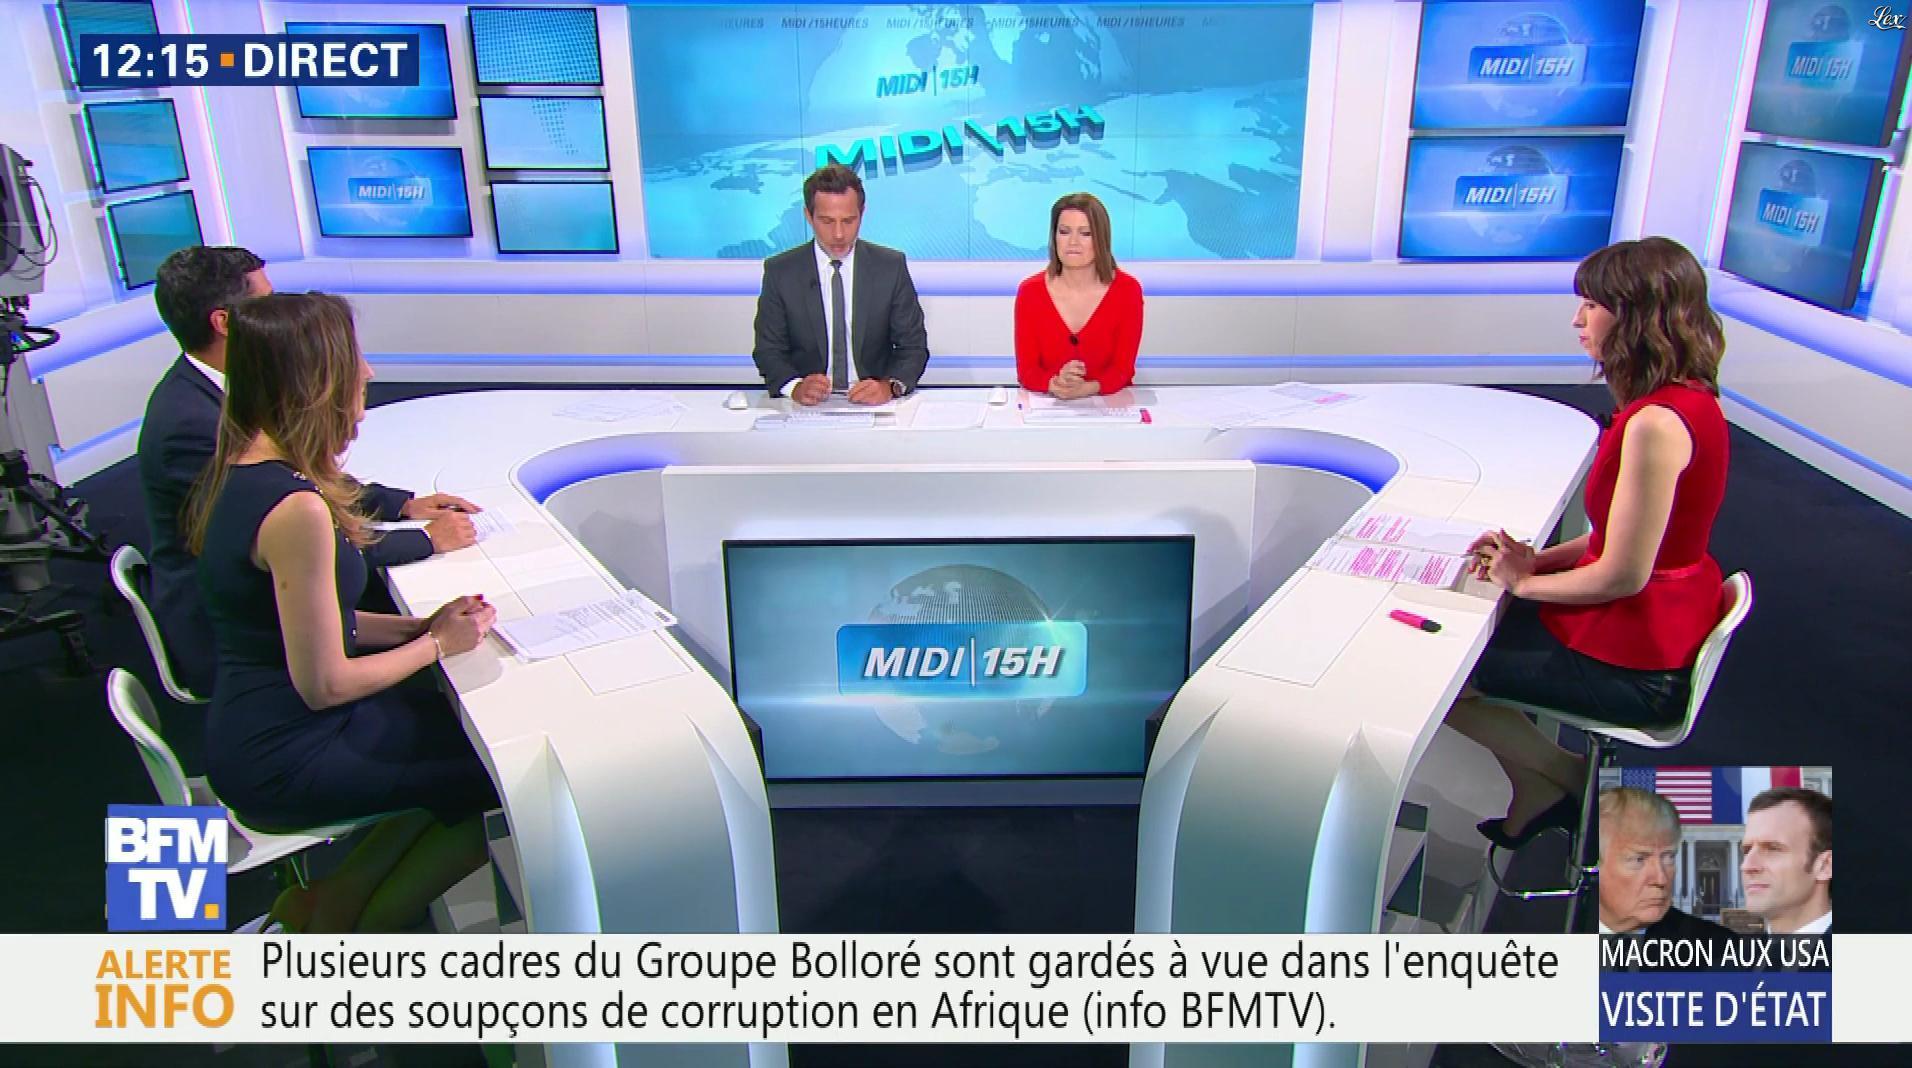 Candice Mahout dans le Midi-15h. Diffusé à la télévision le 24/04/18.